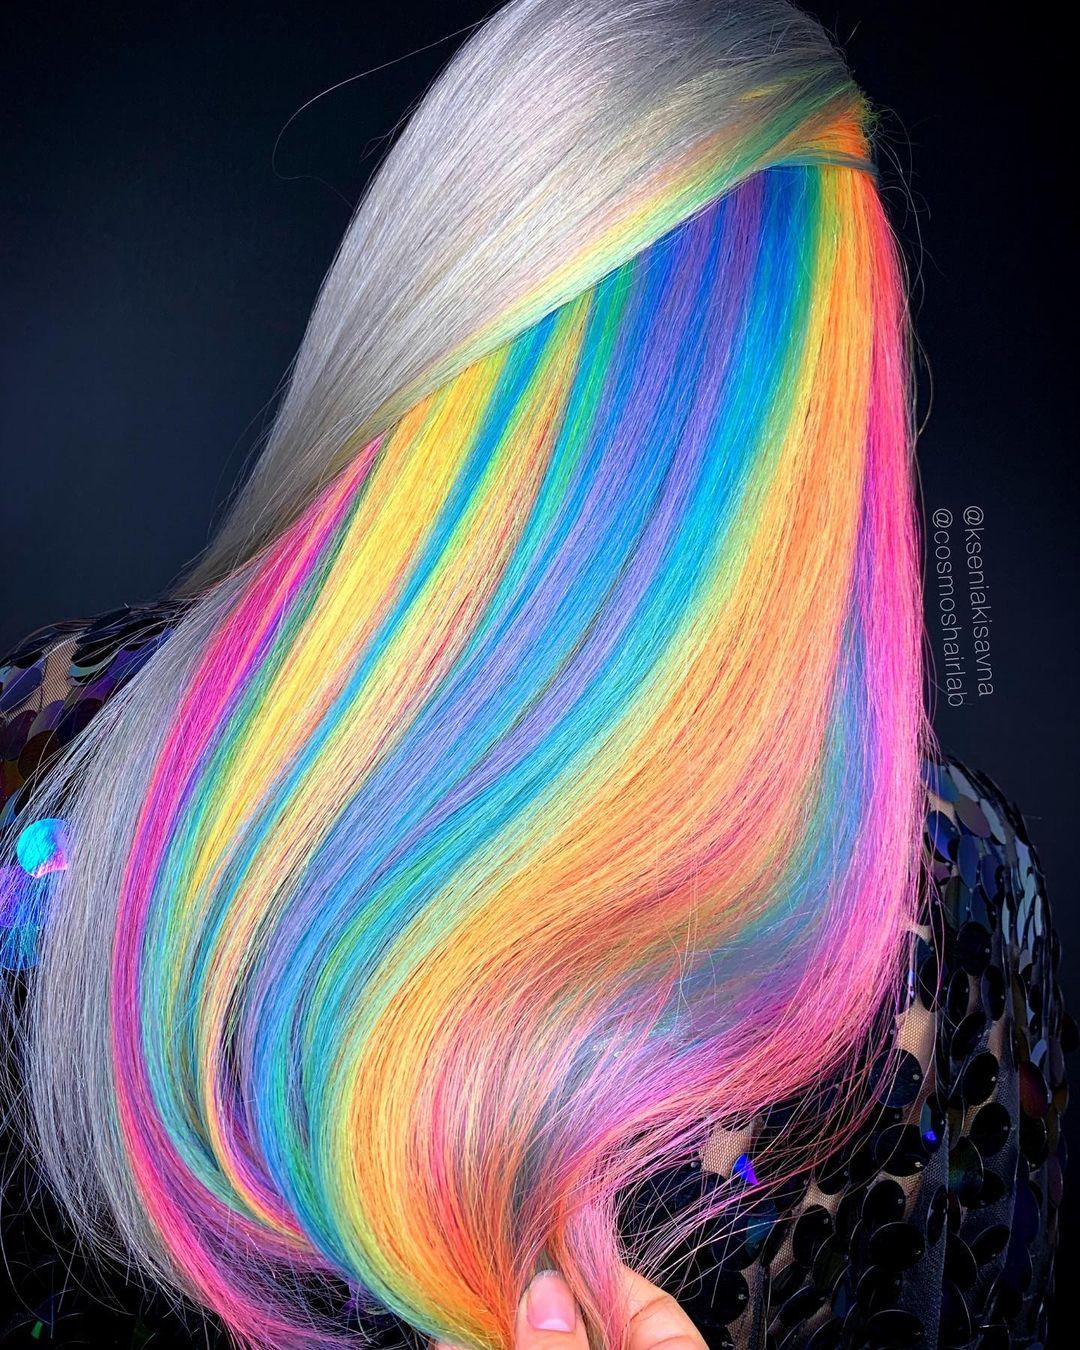 cabello de muchos colores